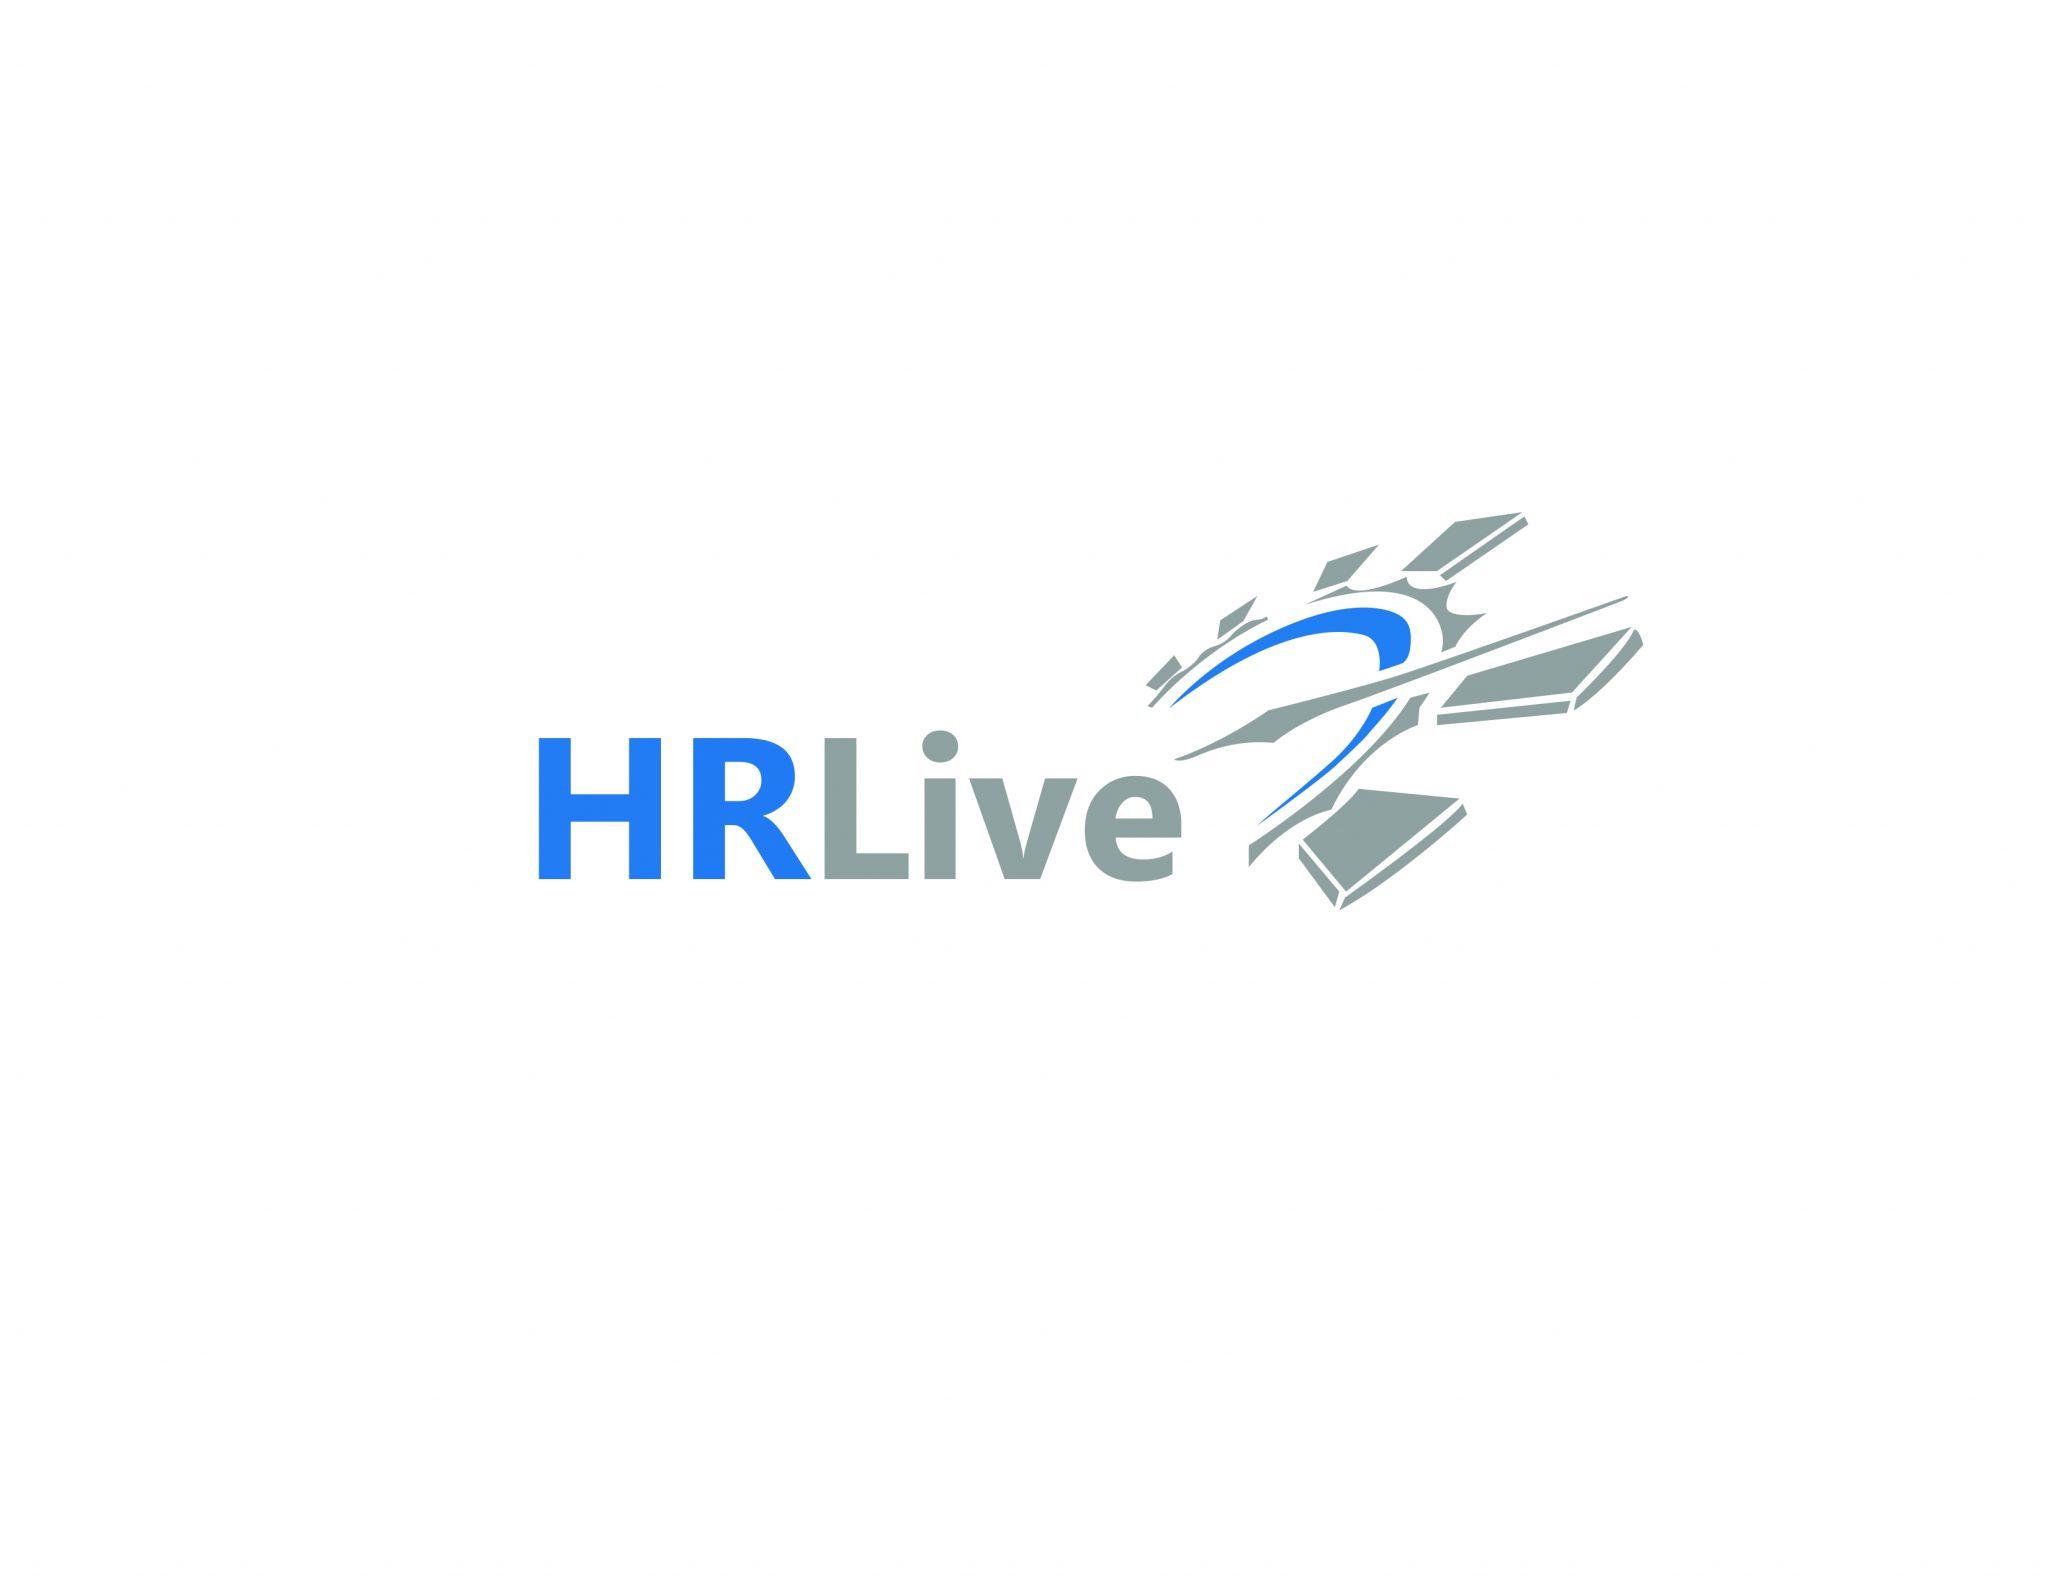 HRLive.ca (SHRP Limited)